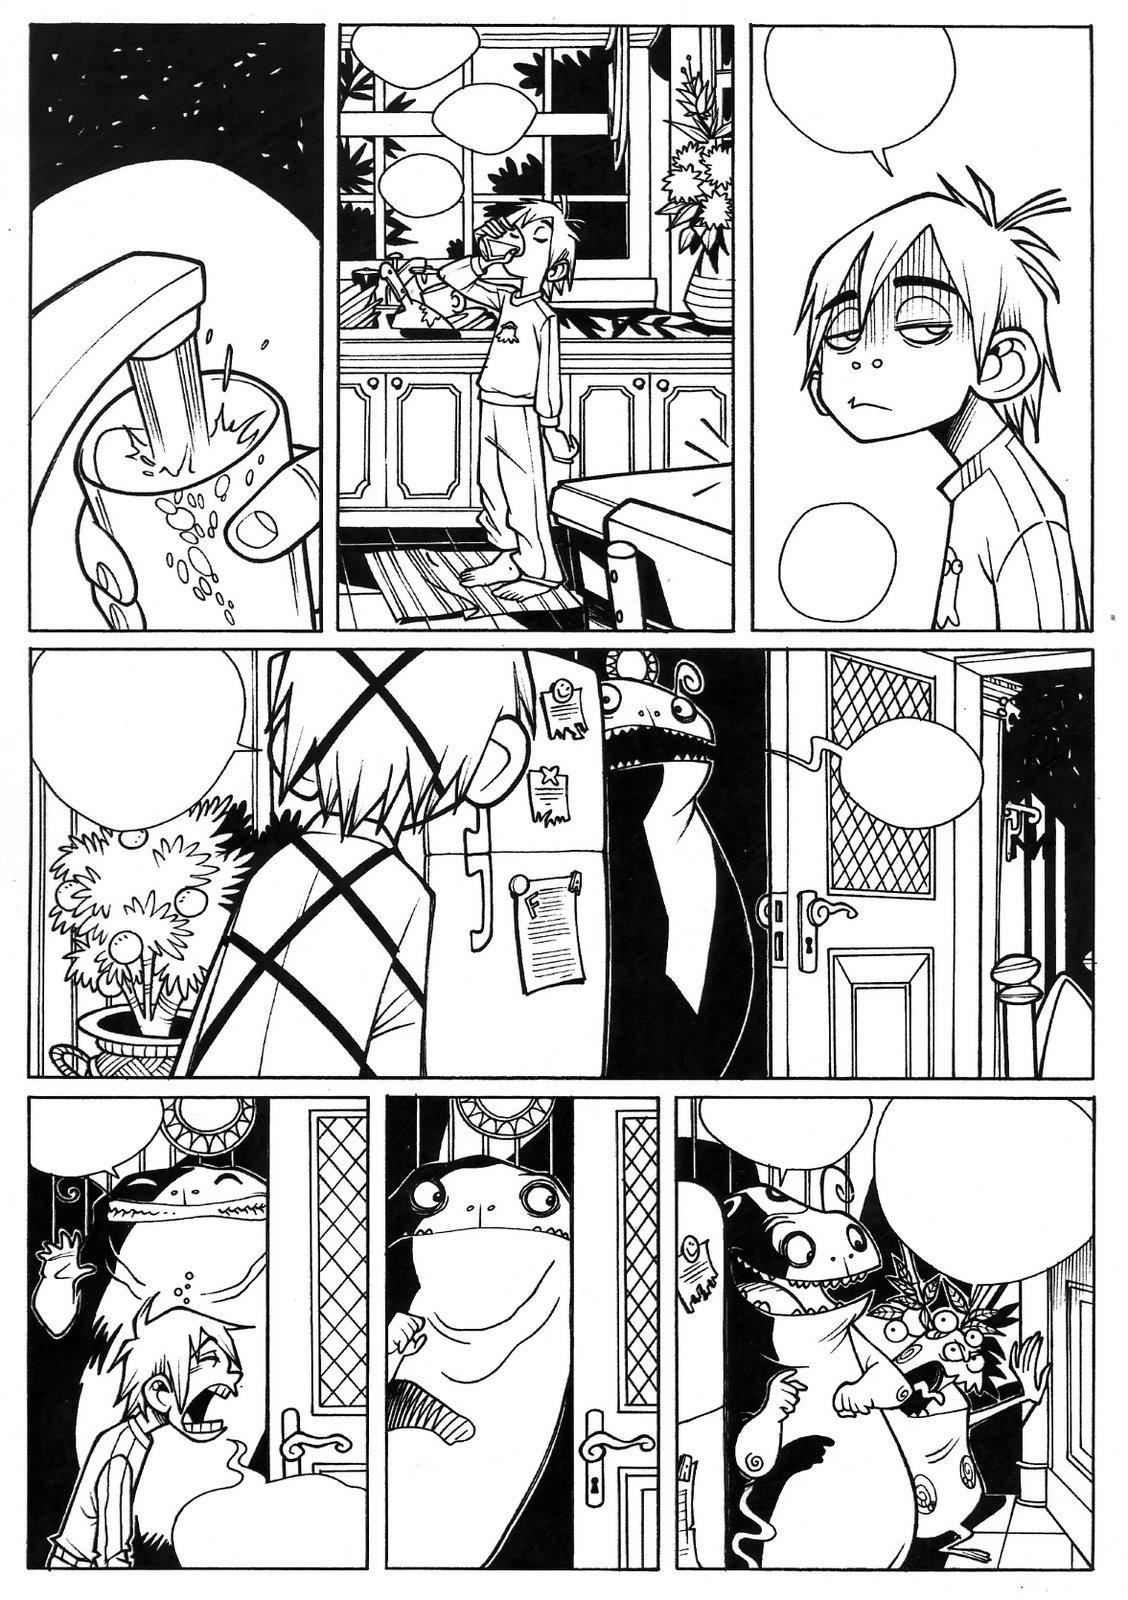 Una tavola di Federico Nardo per Il circo di Sinistro (Monster Allergy n. 24, Settembre 2005).